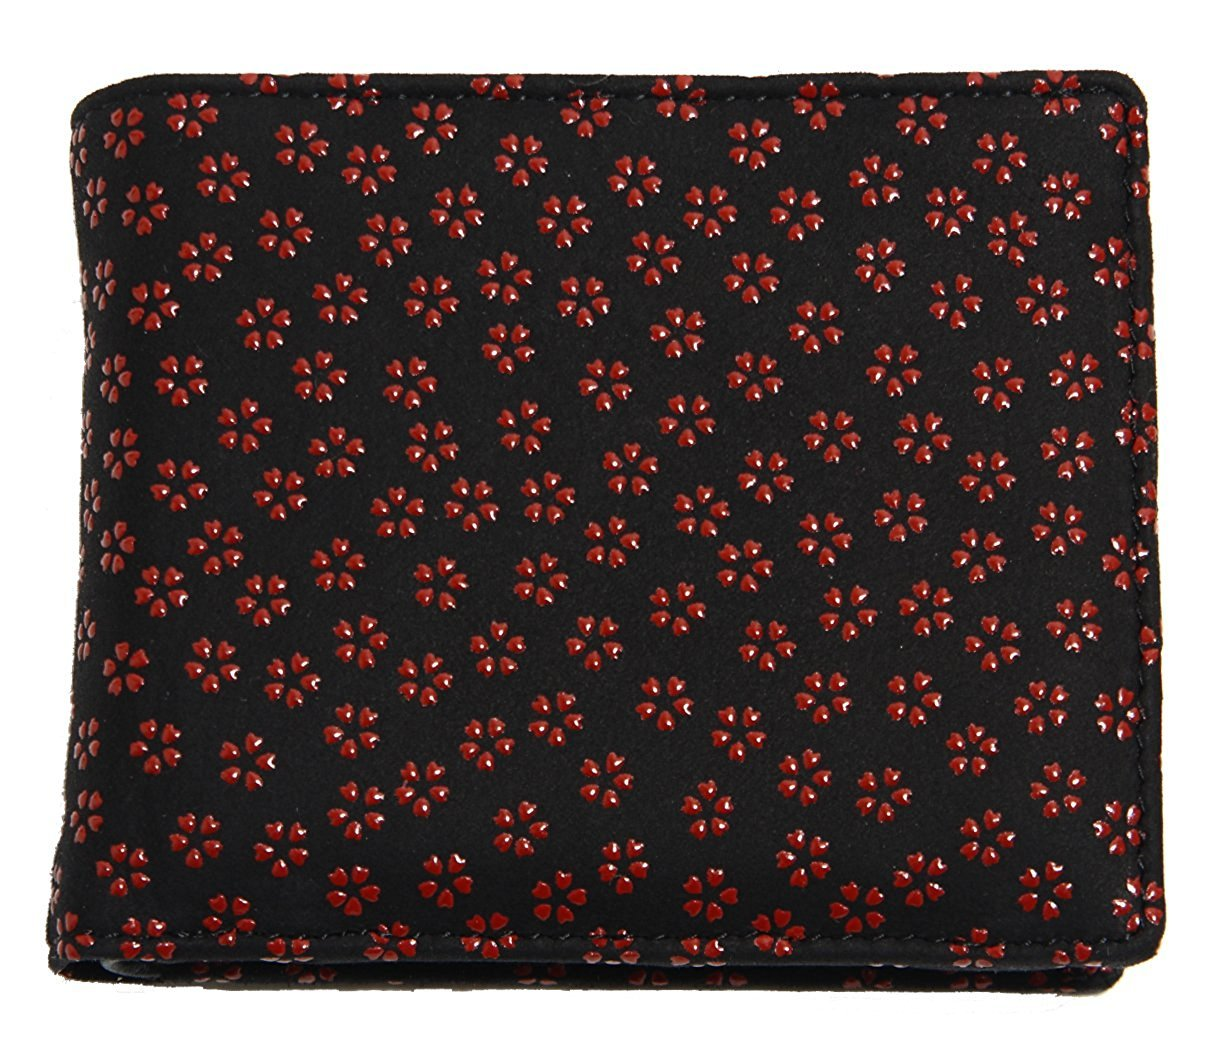 財布 二つ折り 印伝 メンズ レディース 鹿革 桜 サヤ 牡丹 猫 とんぼ 赤 白 黄